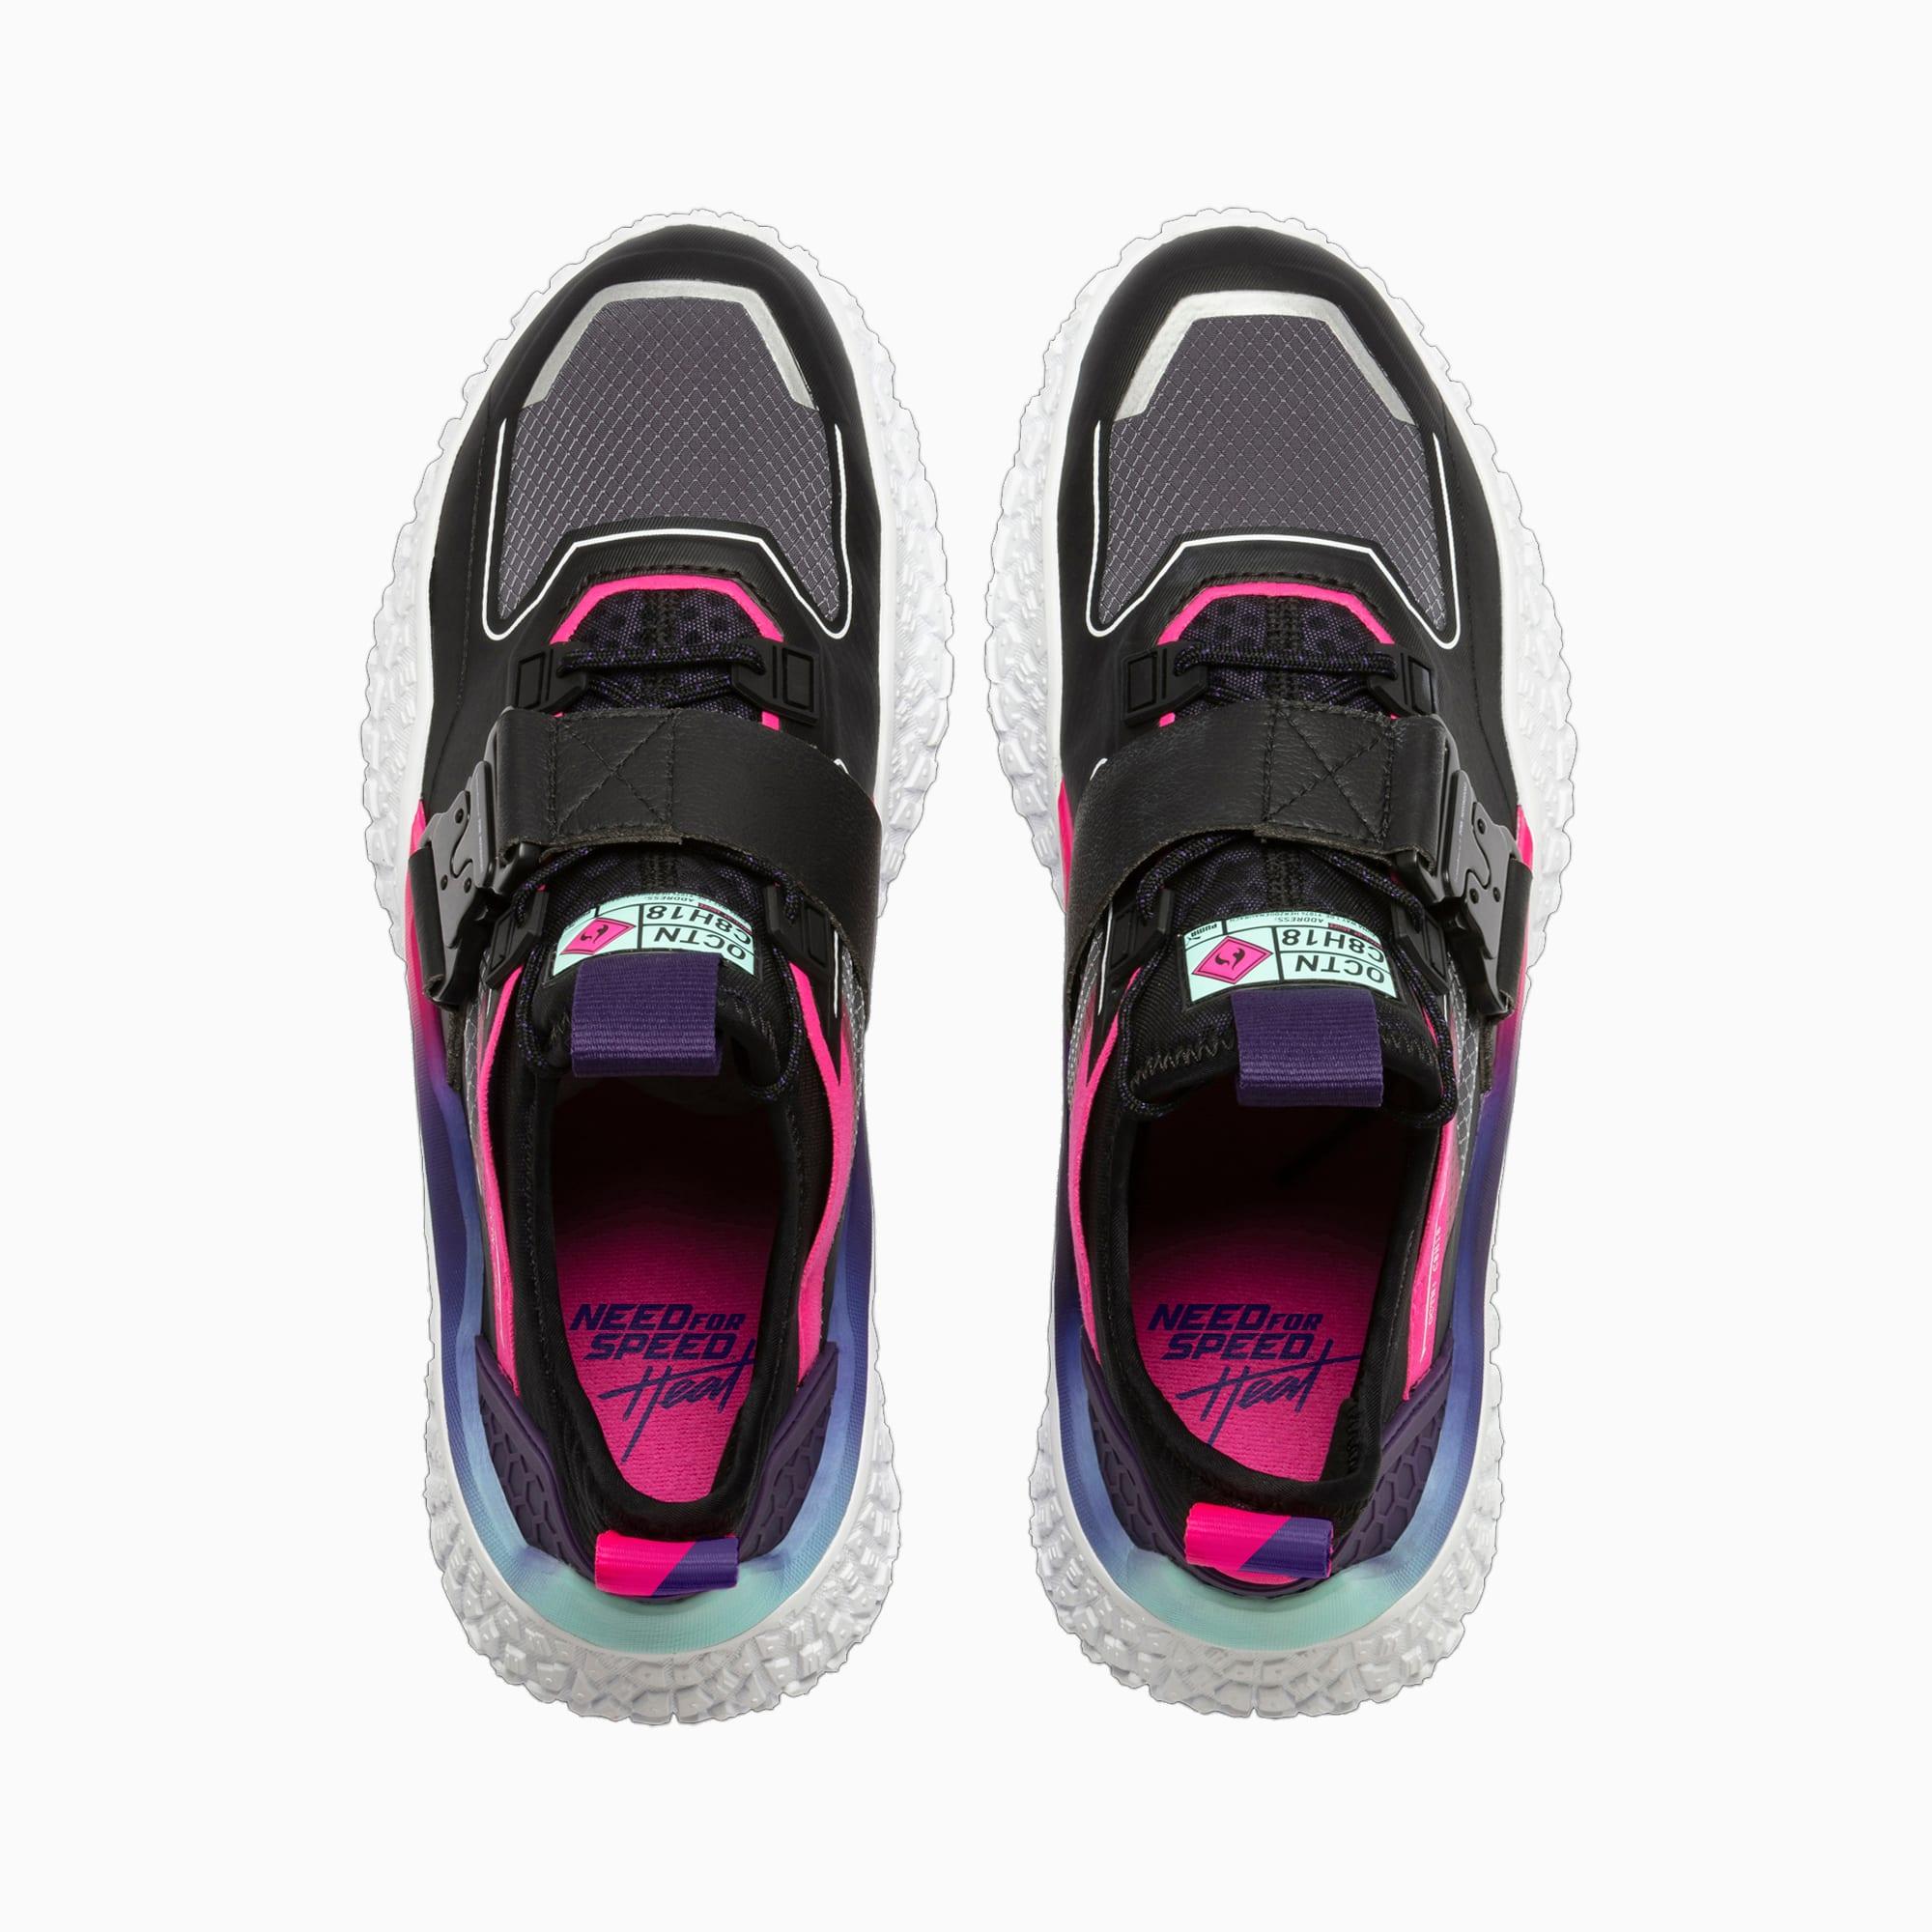 Hi OCTN x Need for Speed Heat sneakers